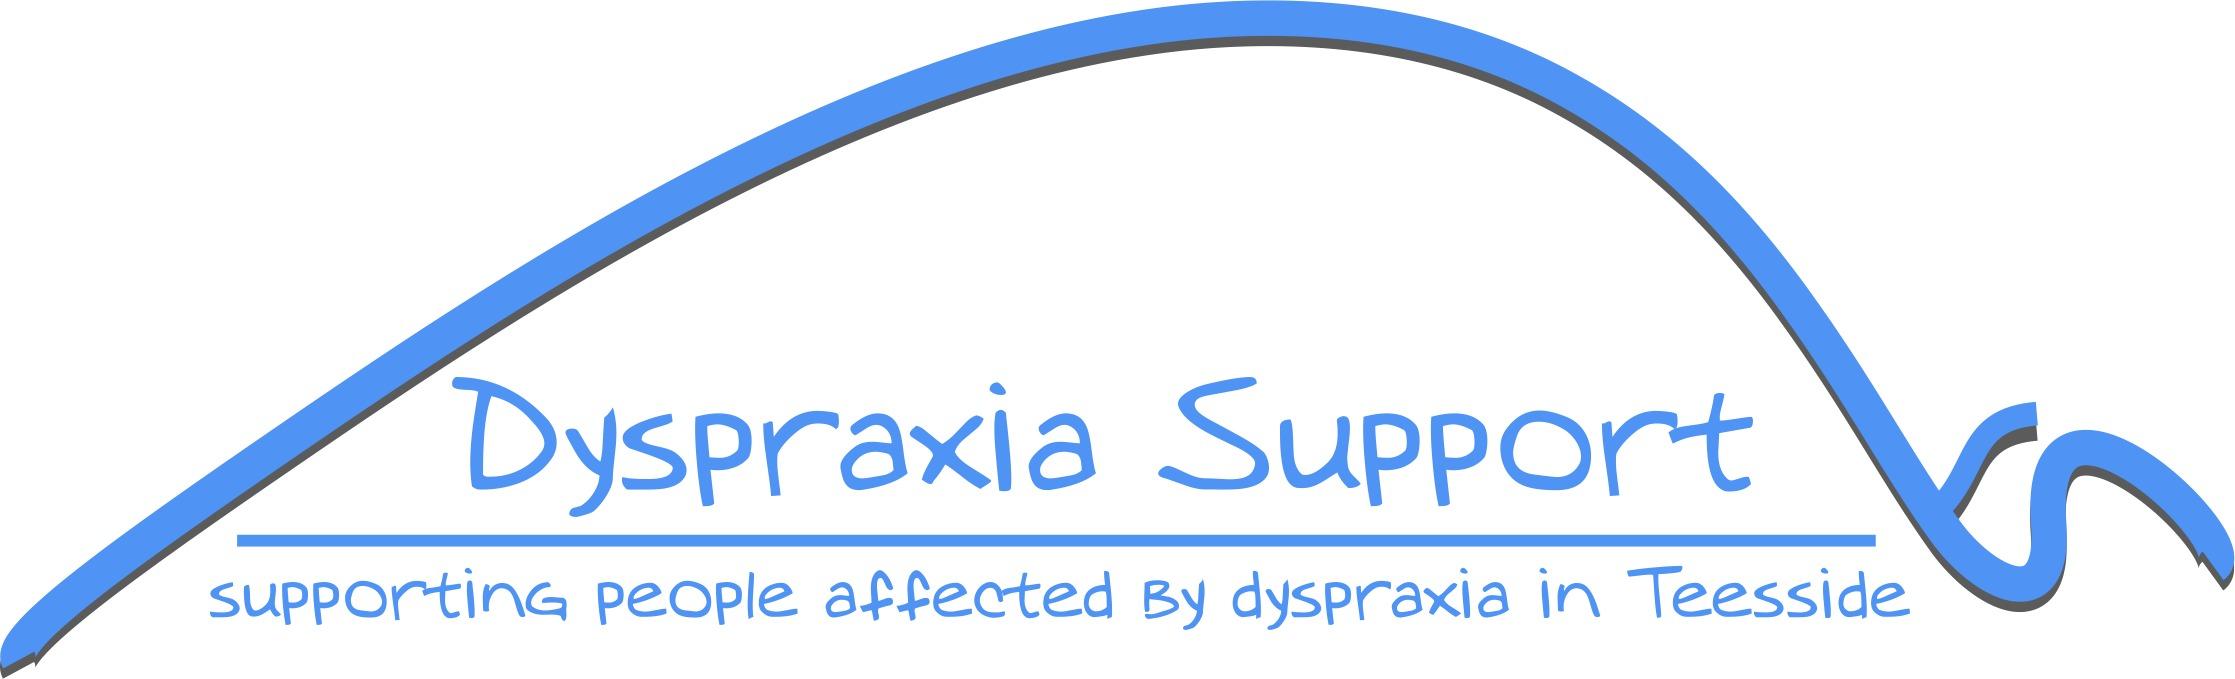 Dyspraxics dating advice